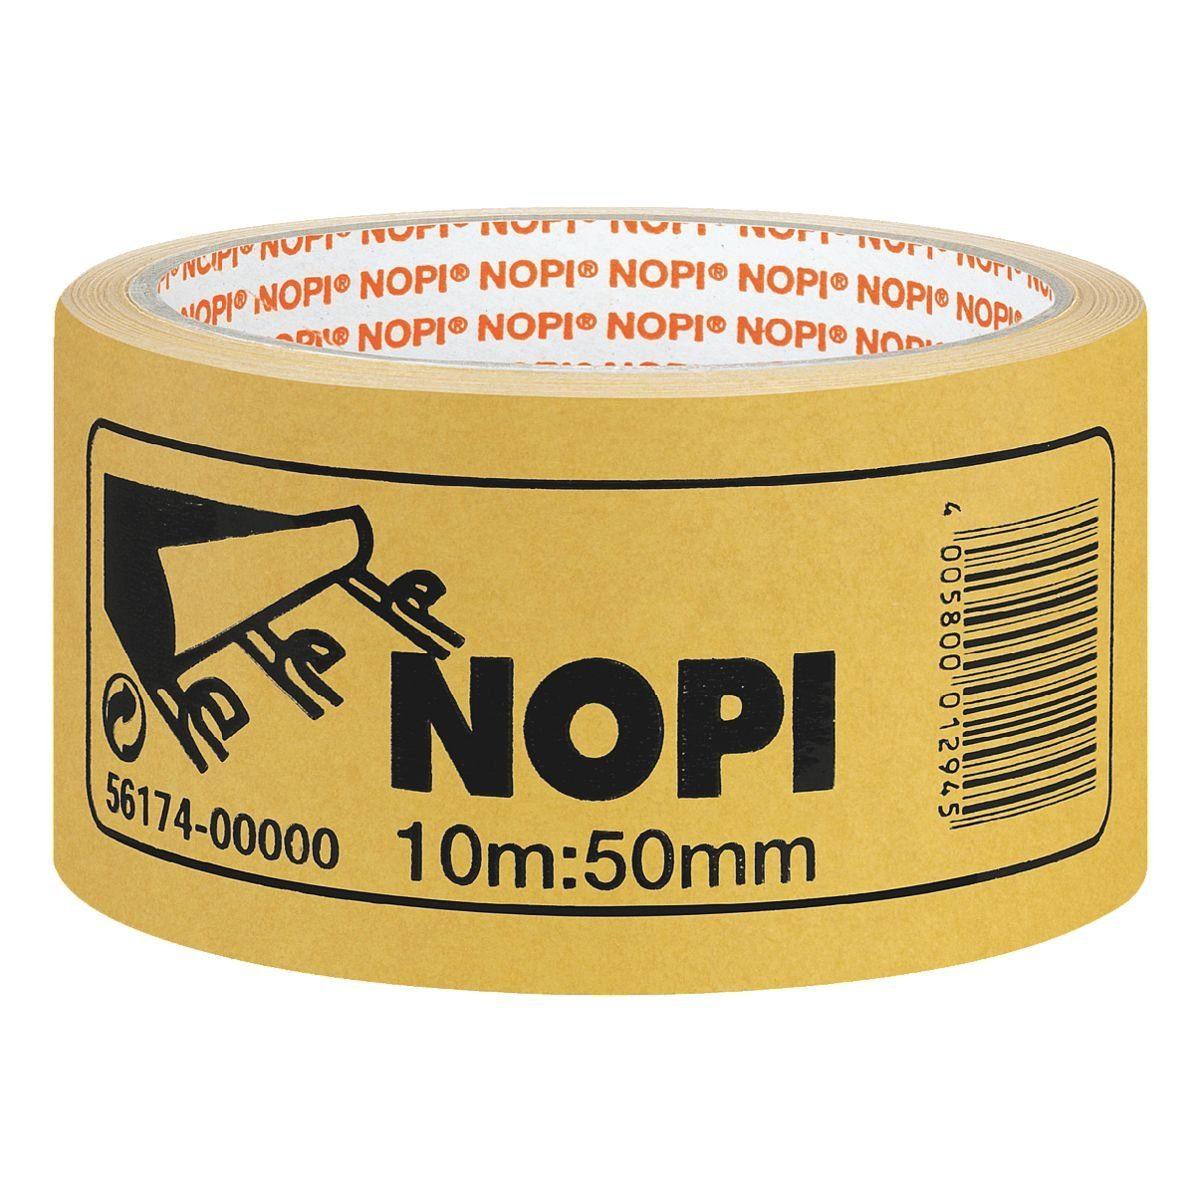 NOPI Doppelseitiges Klebeband 56174